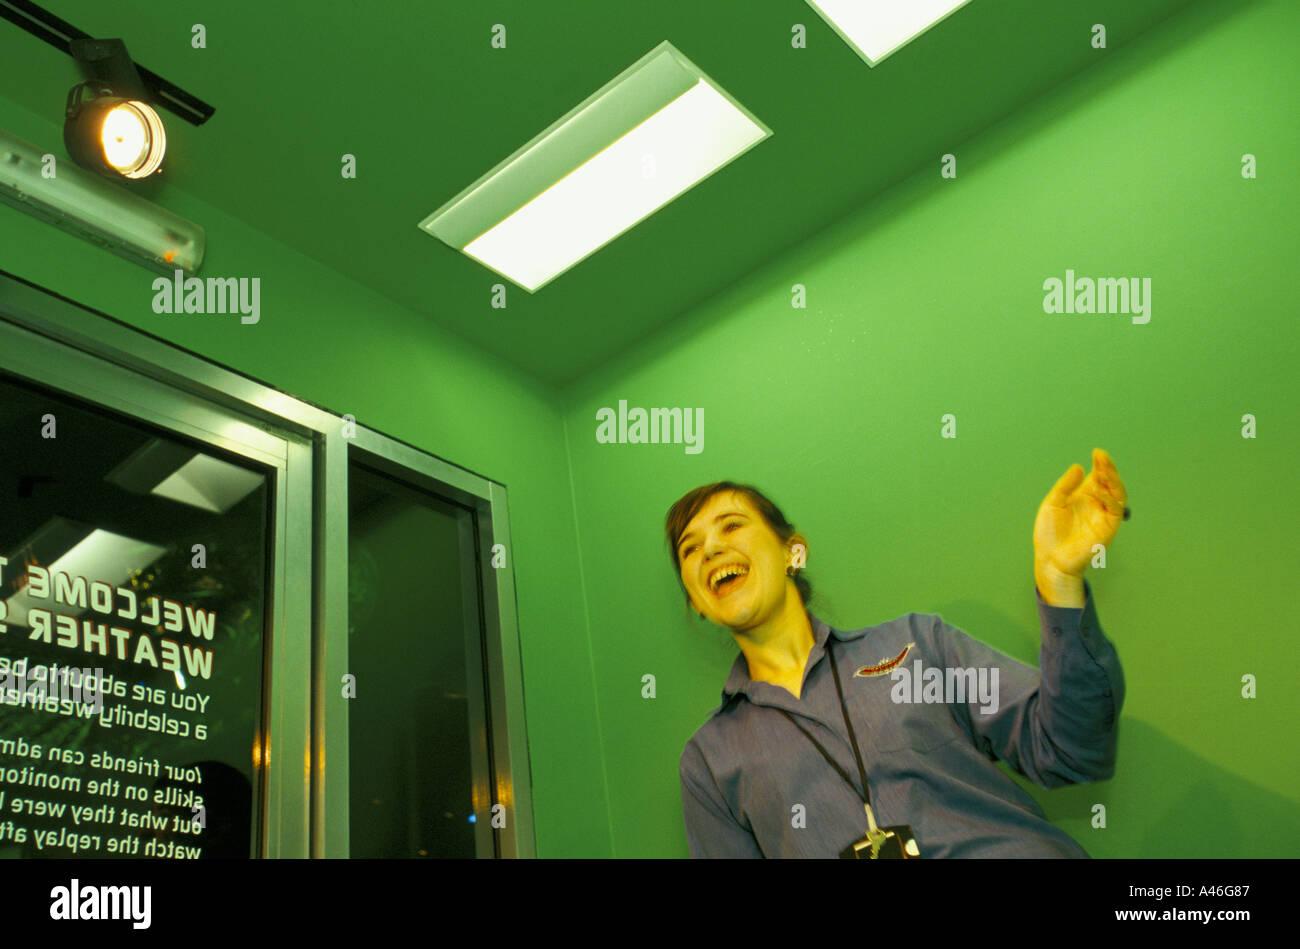 ein Besucher macht eine Wettervorhersage auf einem Videobildschirm nationalen Raum Leicester Vereinigtes Königreich Zentrum Stockbild